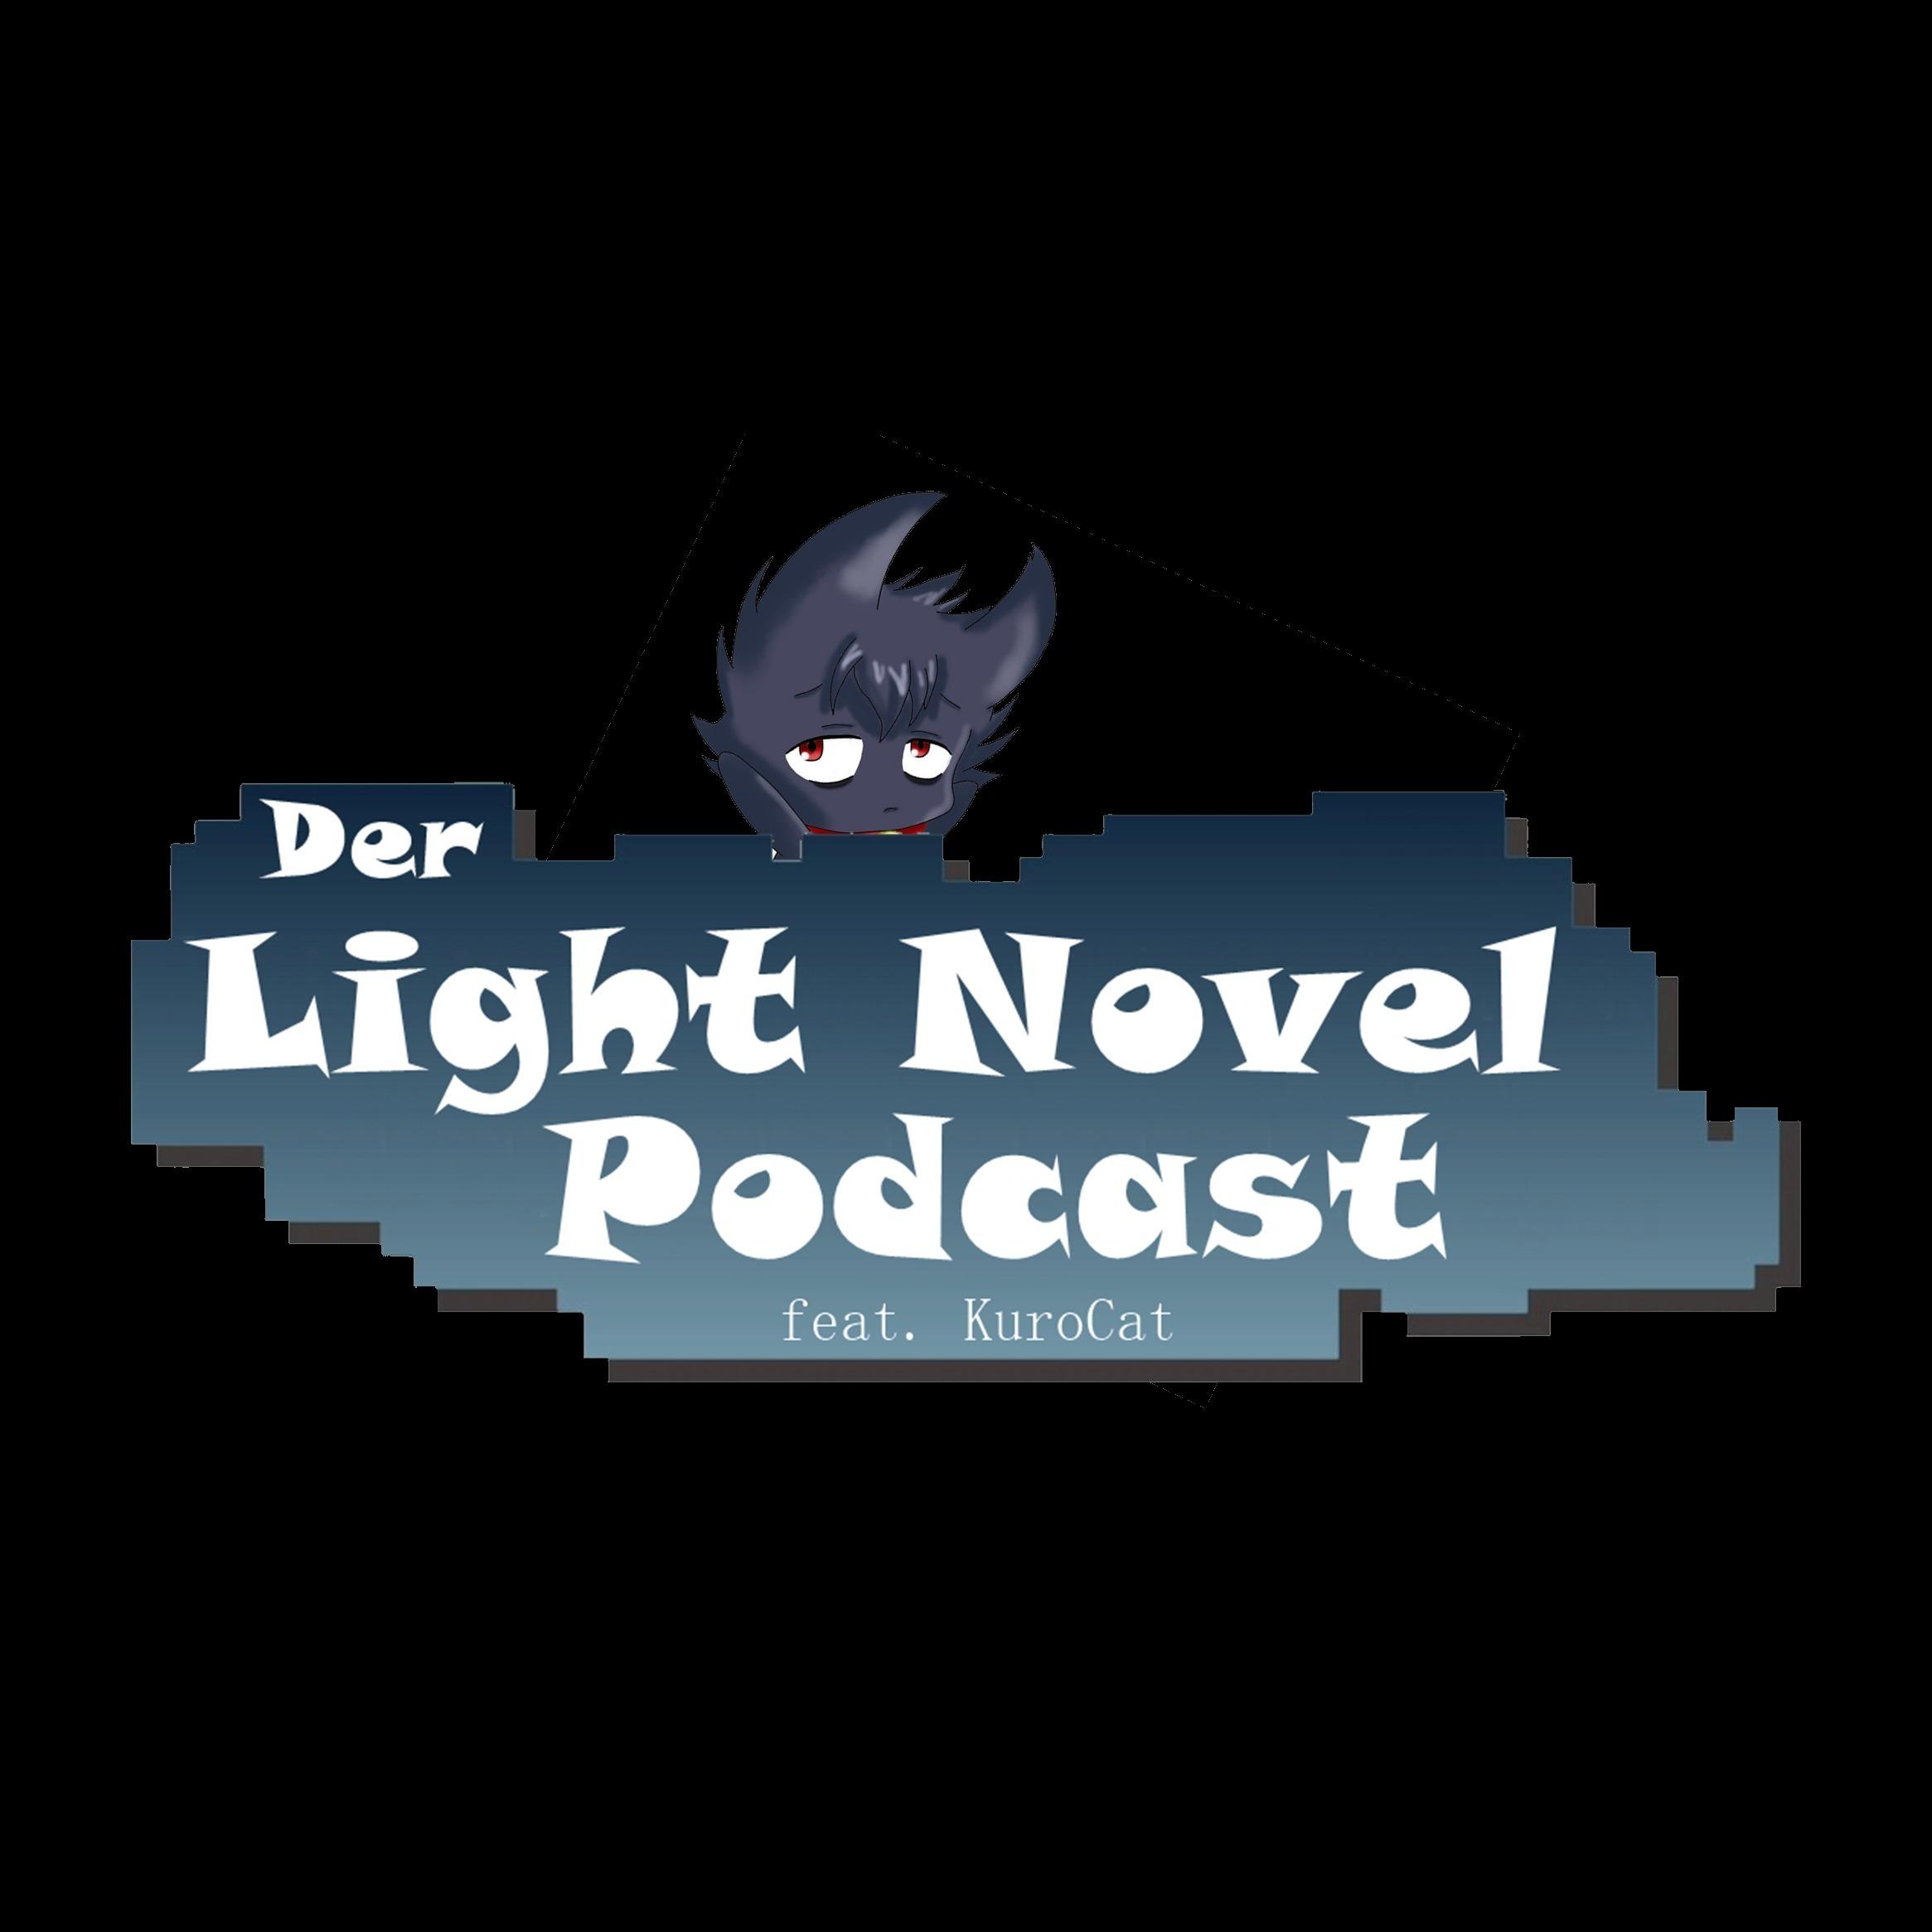 Der Light Novel Podcast #23 - Über Verschwindende Light Novels und Morddrohungen